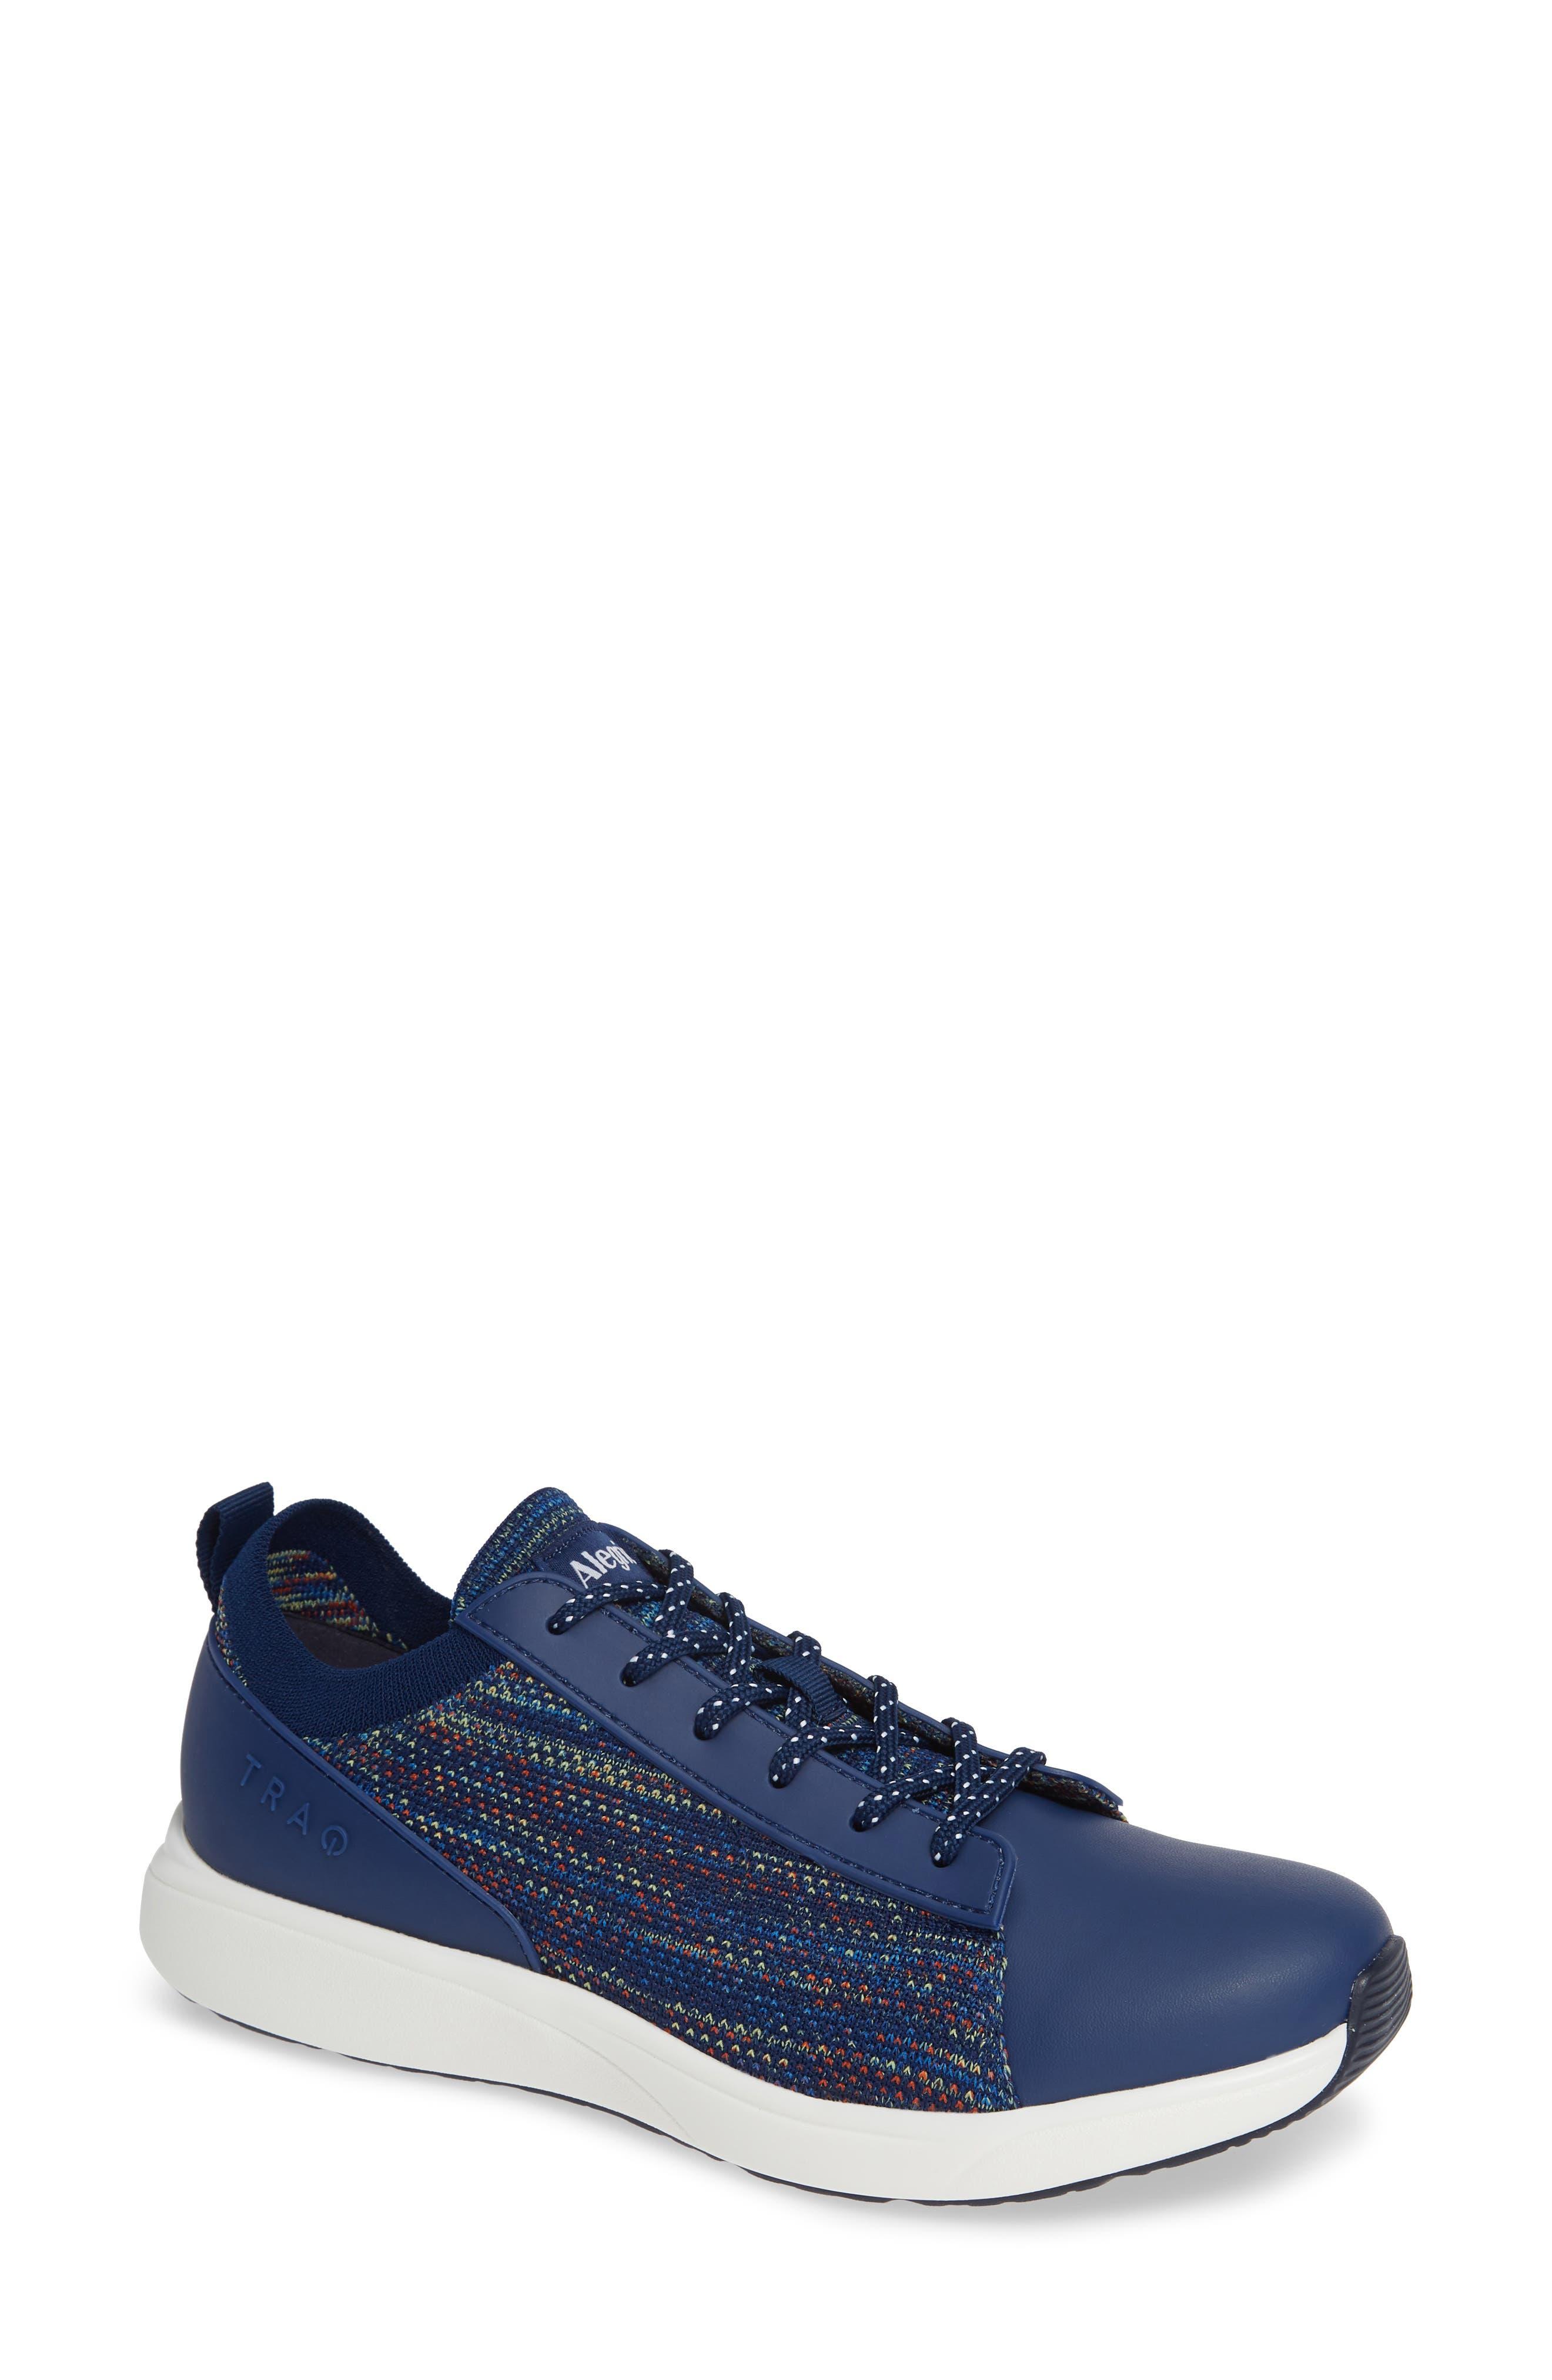 Alegria Qest Sneaker, Blue